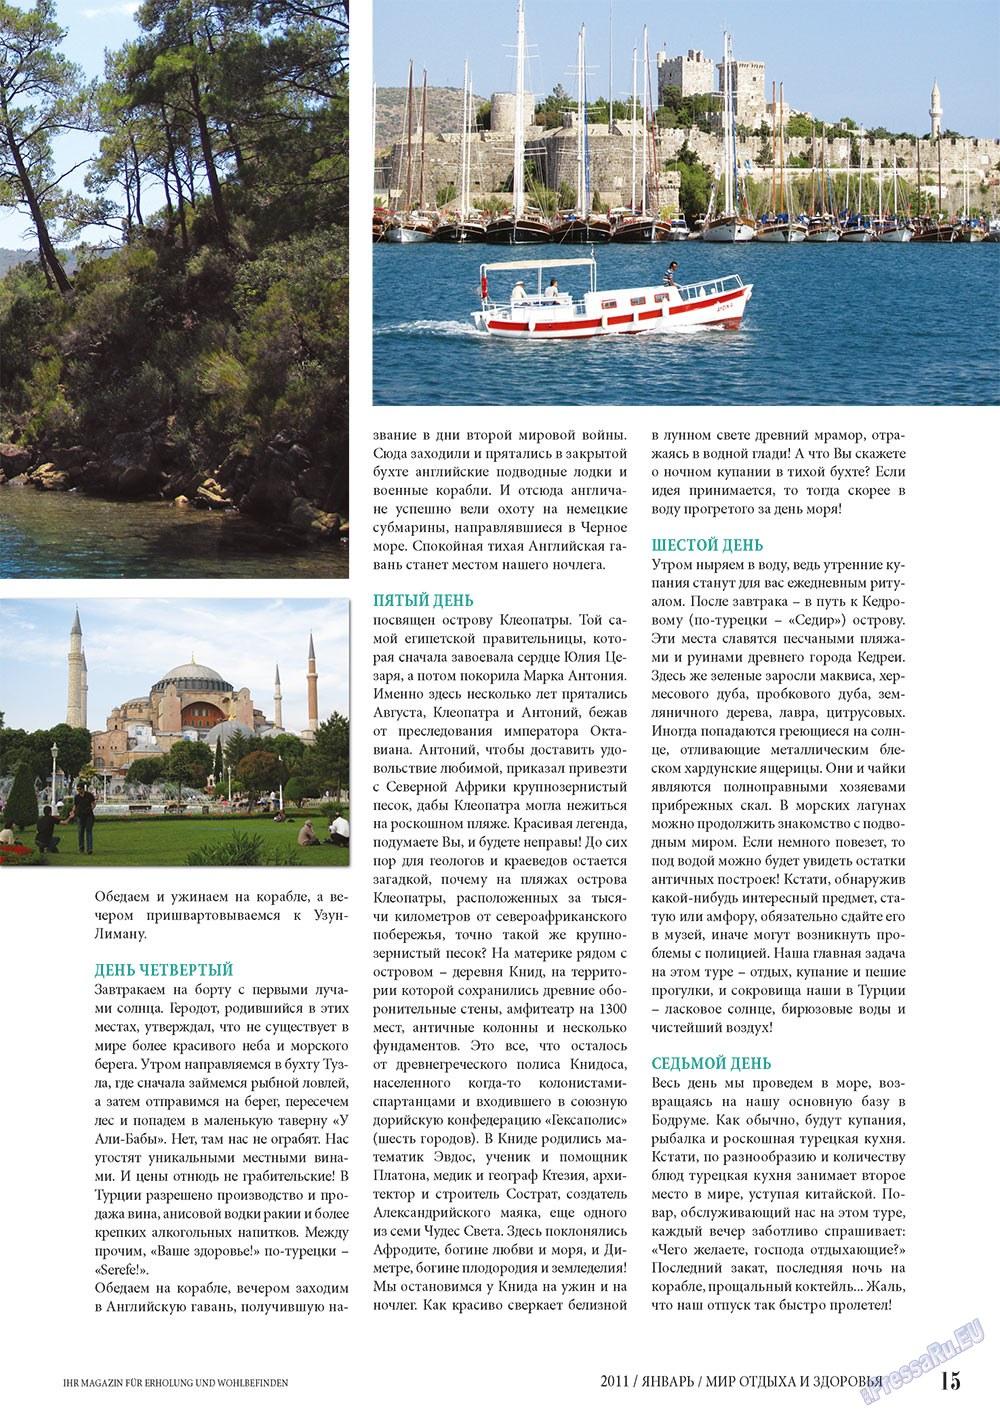 Мир отдыха и здоровья (журнал). 2011 год, номер 1, стр. 15